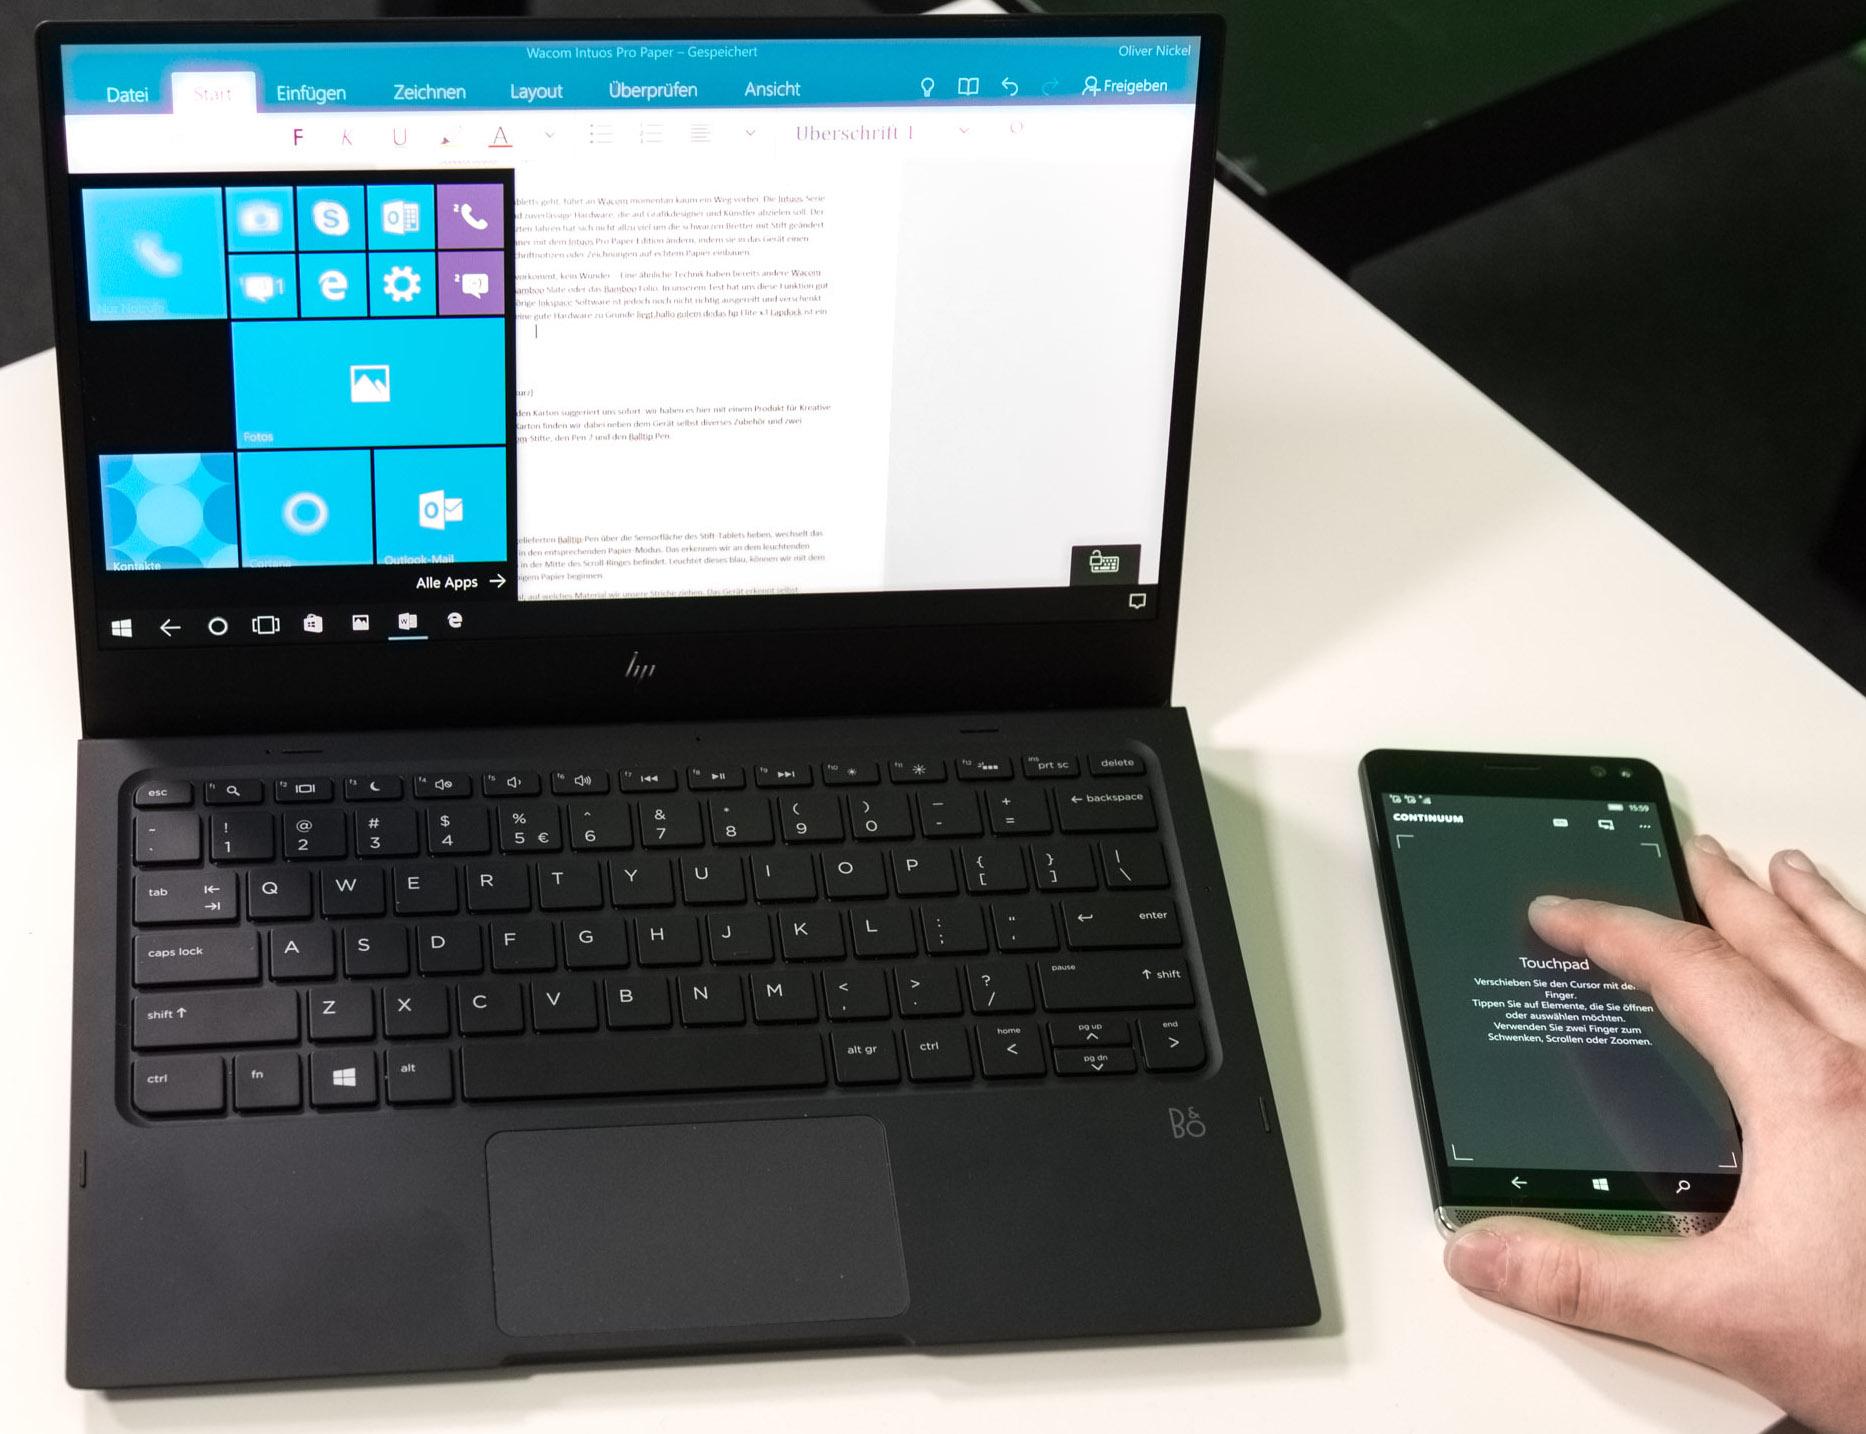 HP Lapdock im Test: Außen ein Notebook, innen ein Kompromiss - Wir steuern das Lapdock kabellos mit dem Telefon. (Bild: Martin Wolf/Golem.de)